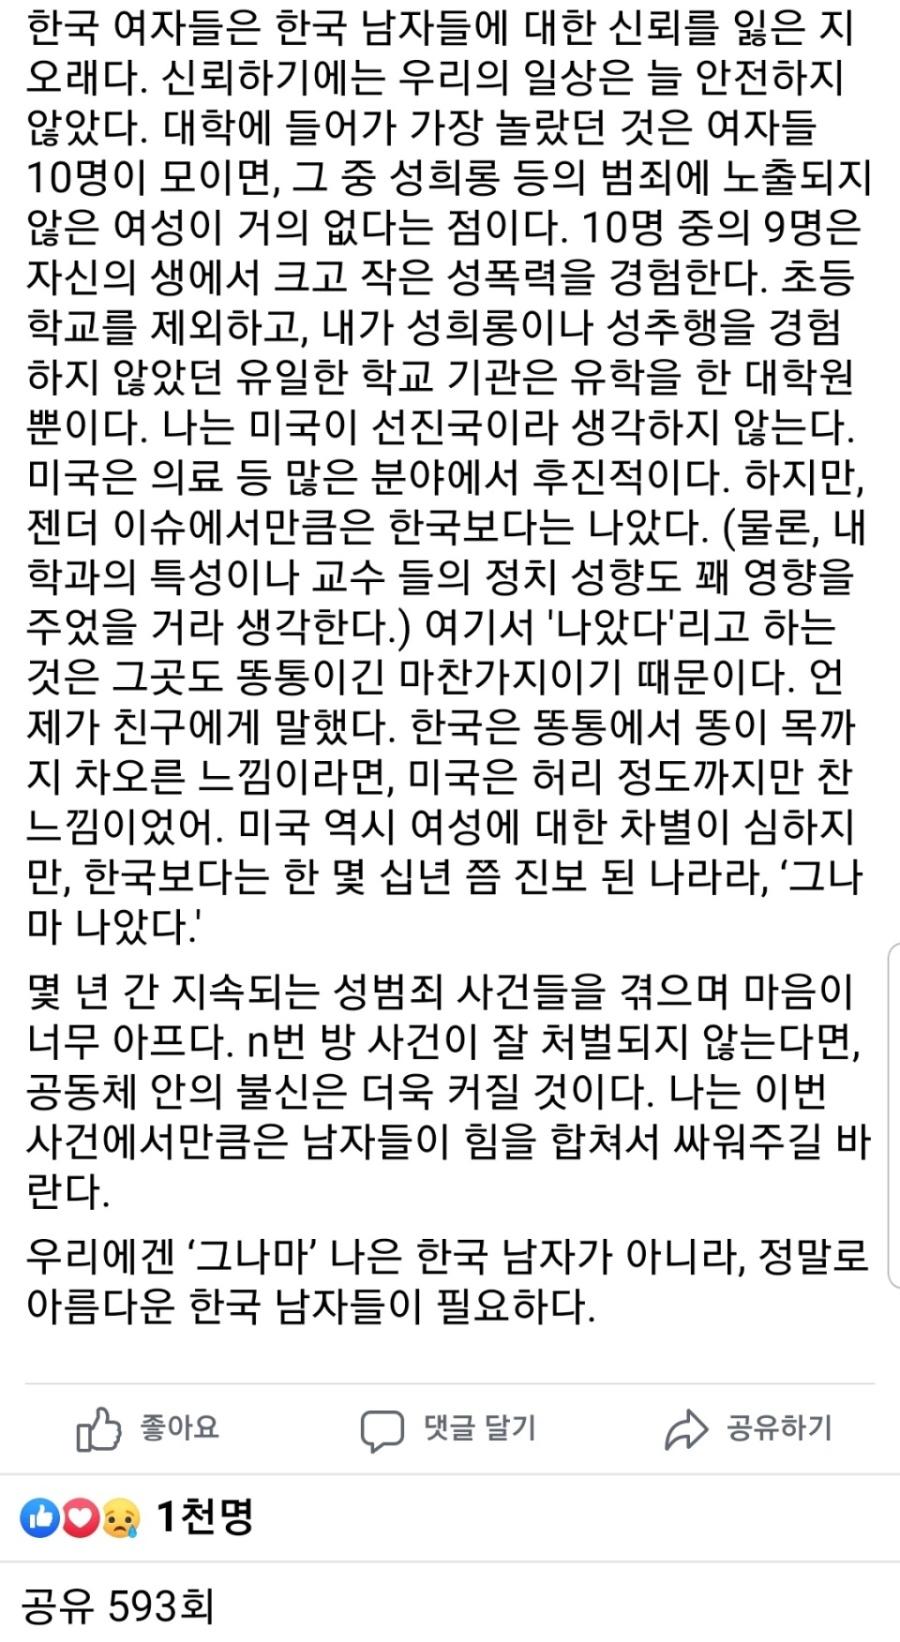 벌새 김보라의 페이스북 글 (3).png